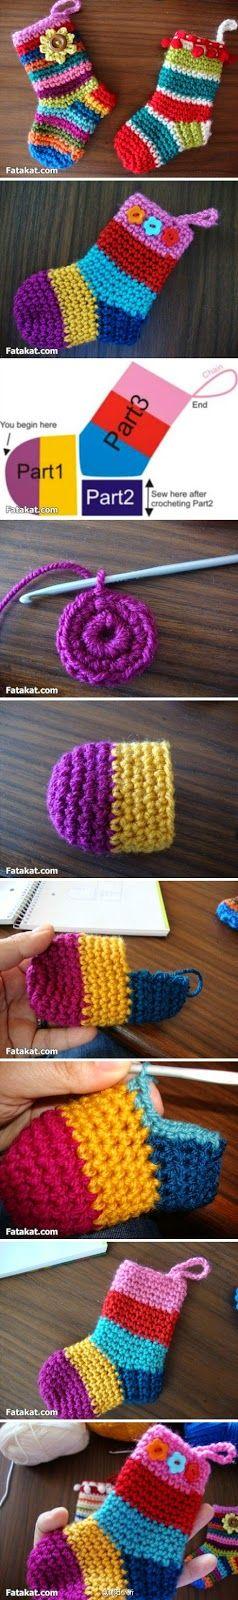 Detalles de Navidad: botitas al crochet paso a paso